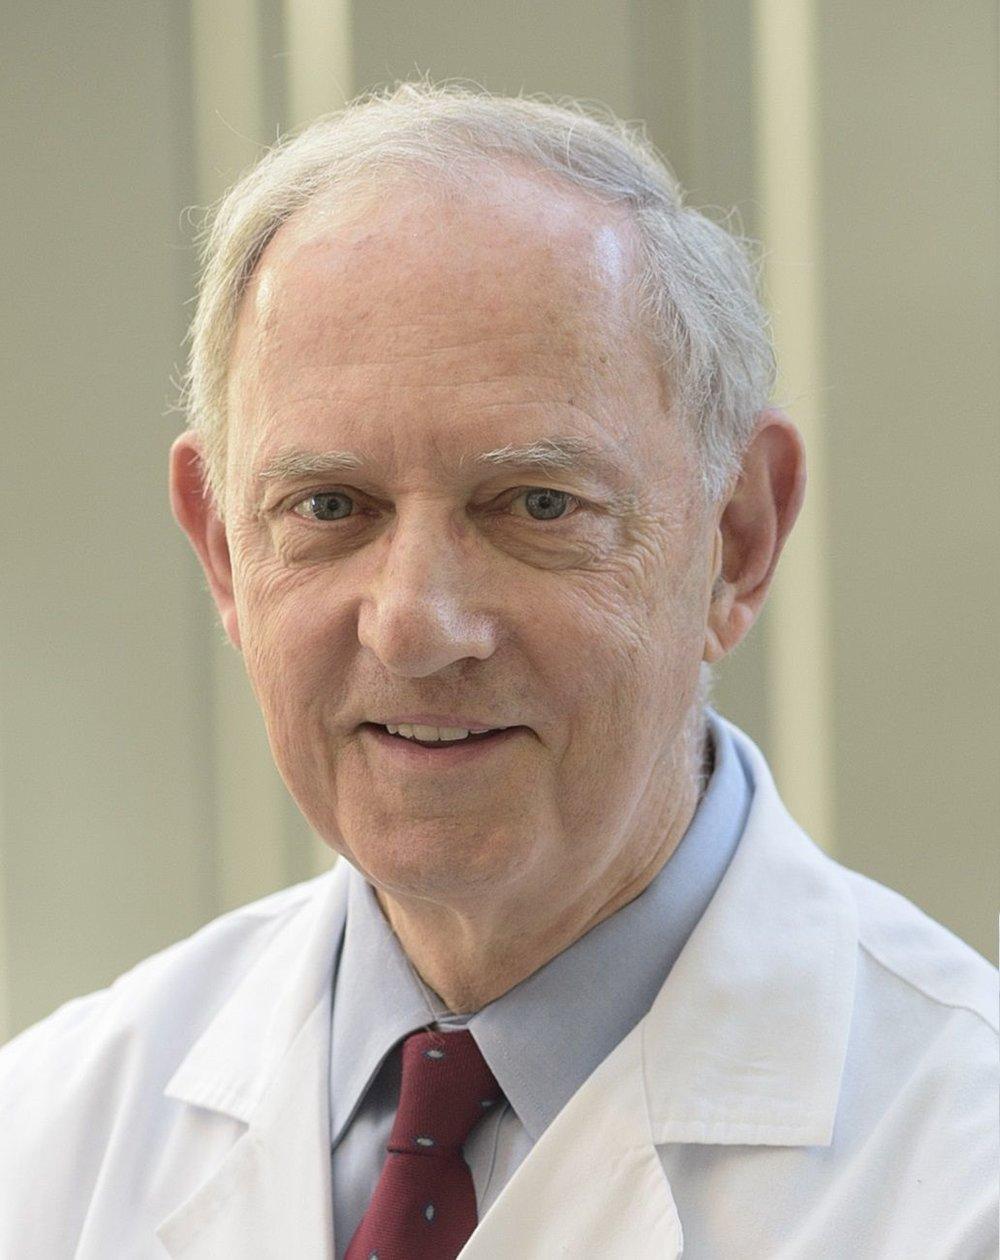 Robert Bonow (JAMA Cardiology, USA)